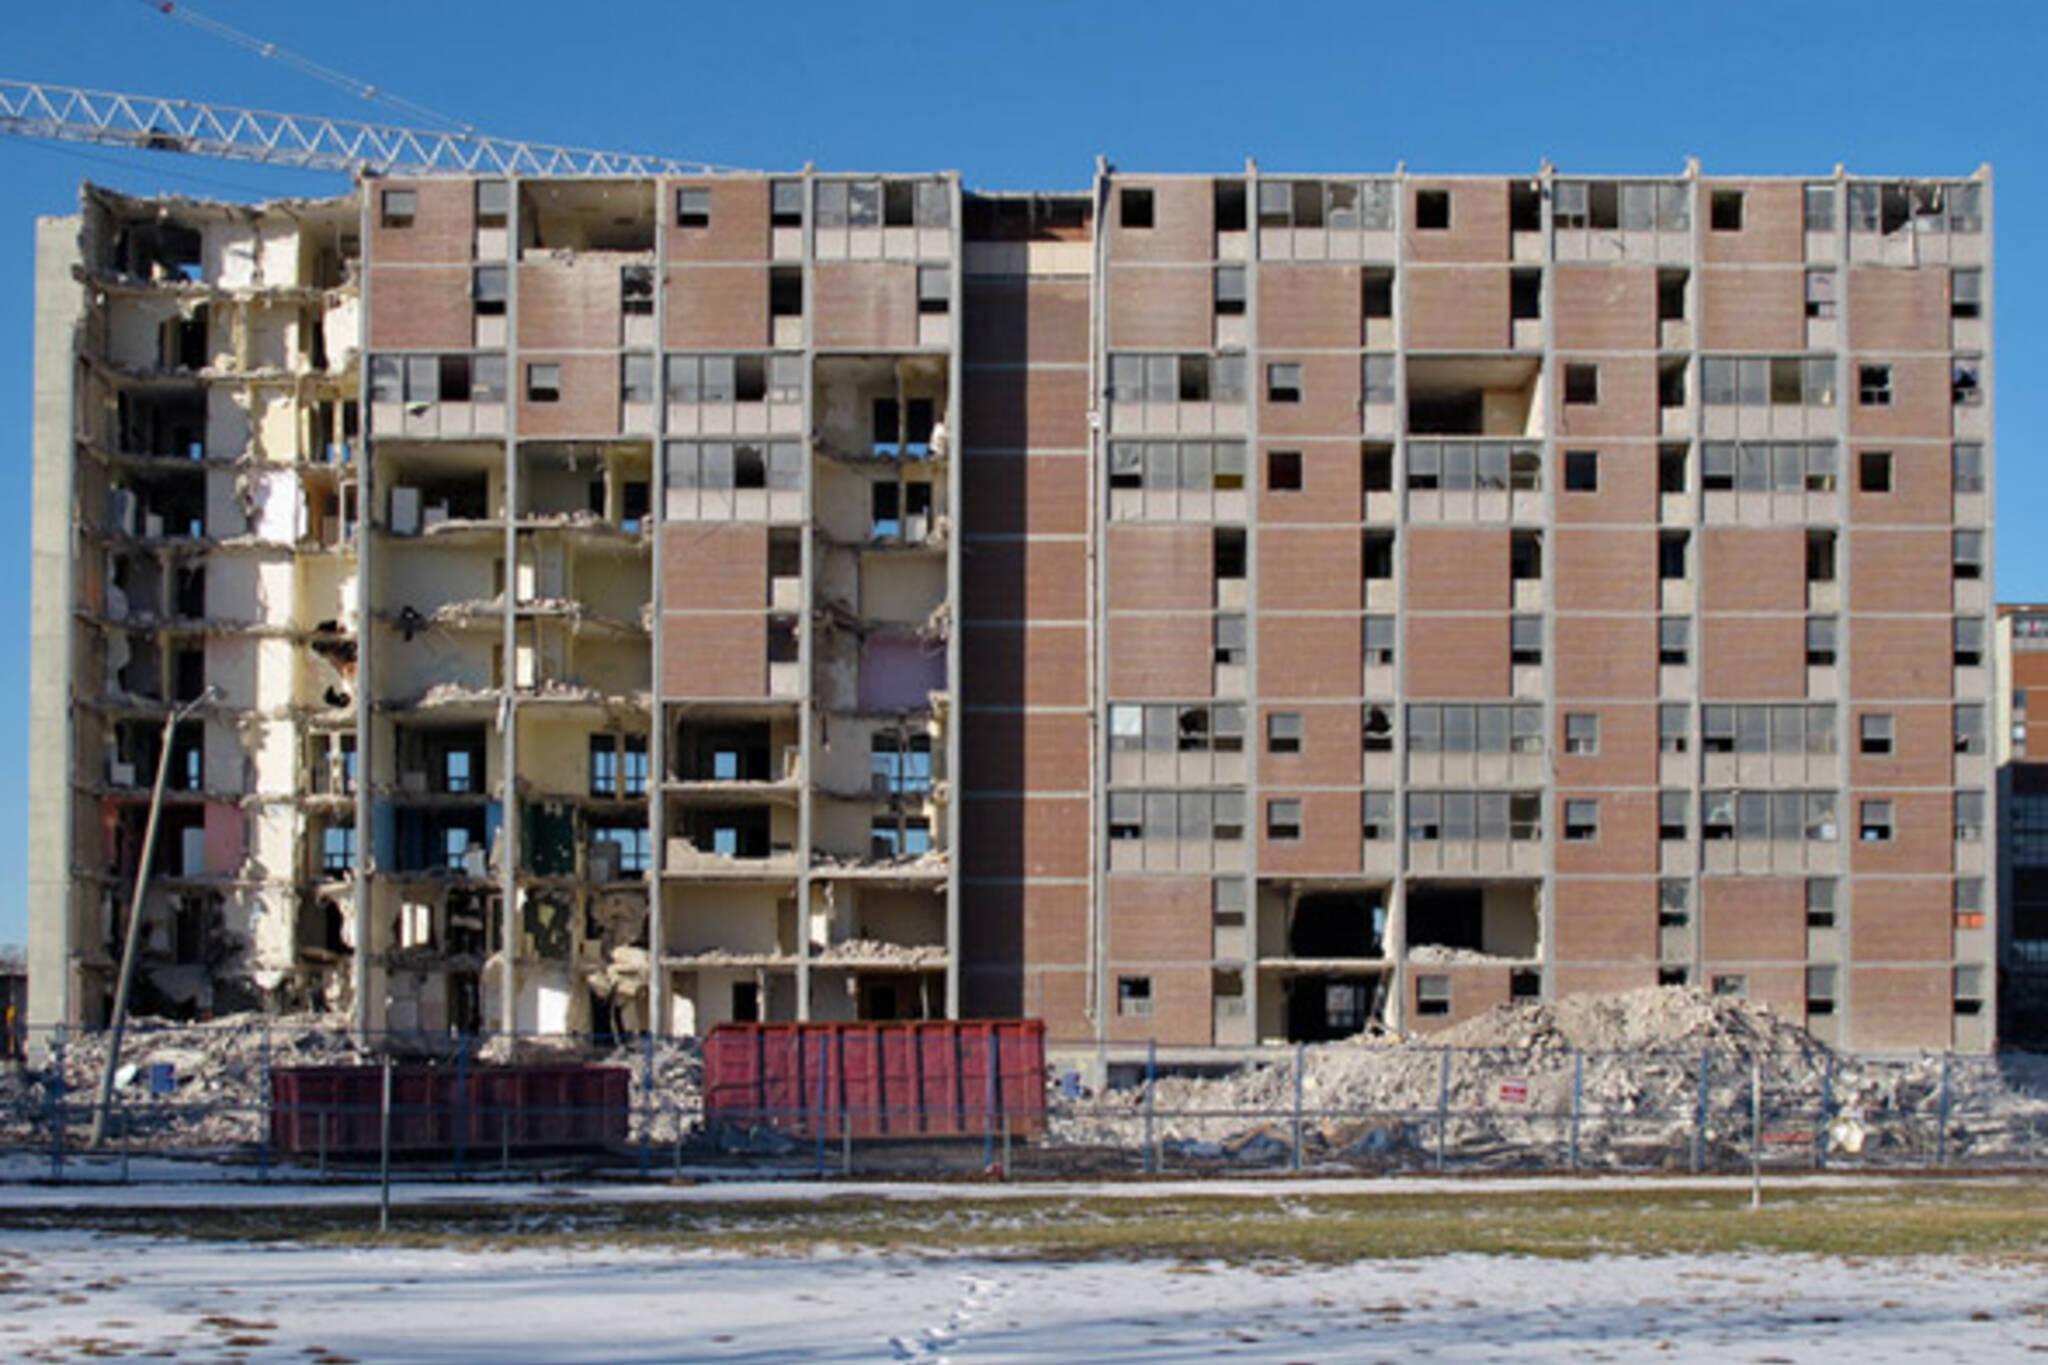 Peter Dickinson Toronto Architect